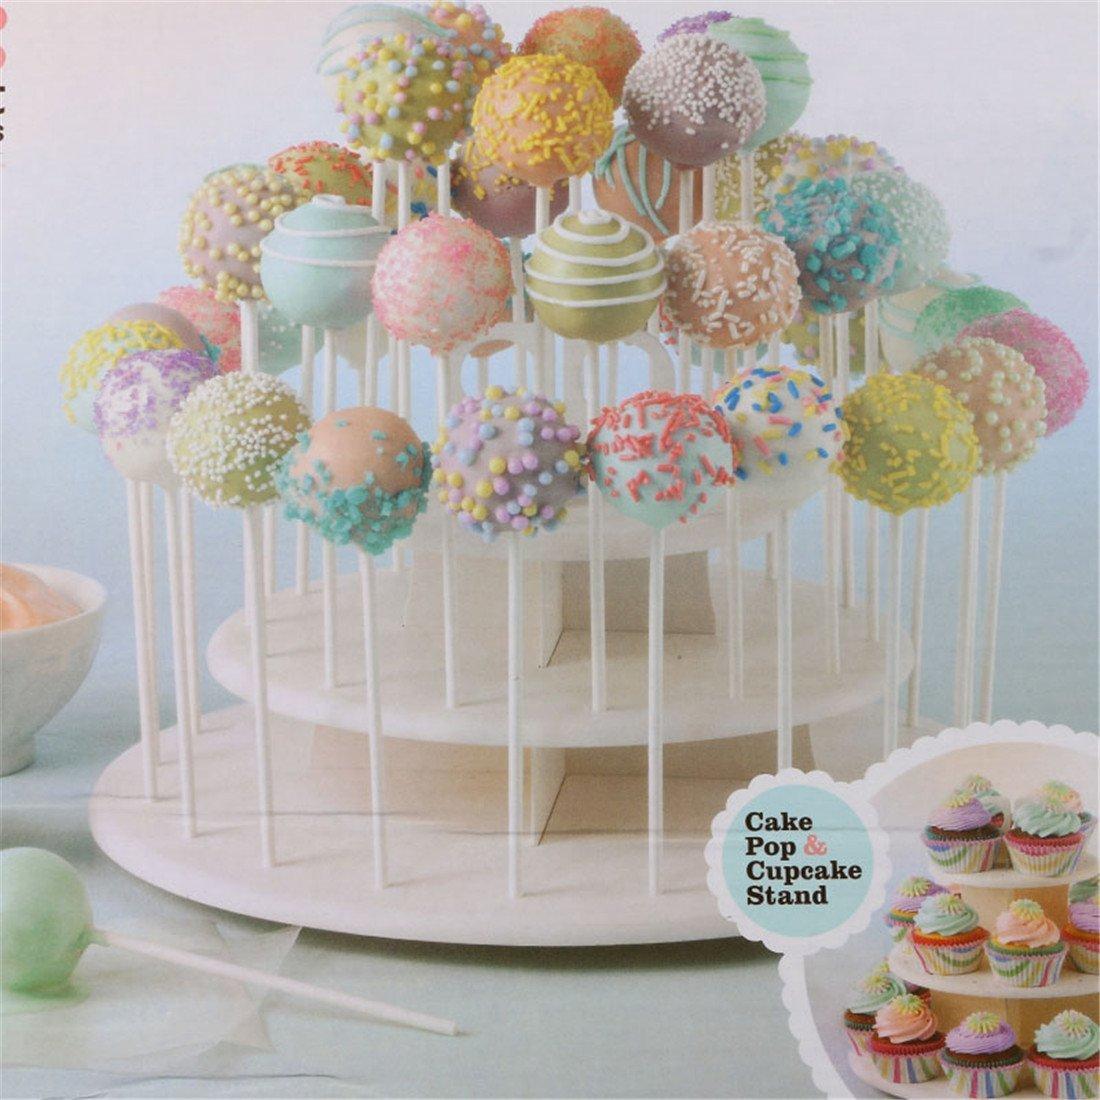 KEHUASHINA 3 Tiers Multifunktions Cupcake St/änder Kuchen Pop steht Lutscher Halter Wei/ß NEU